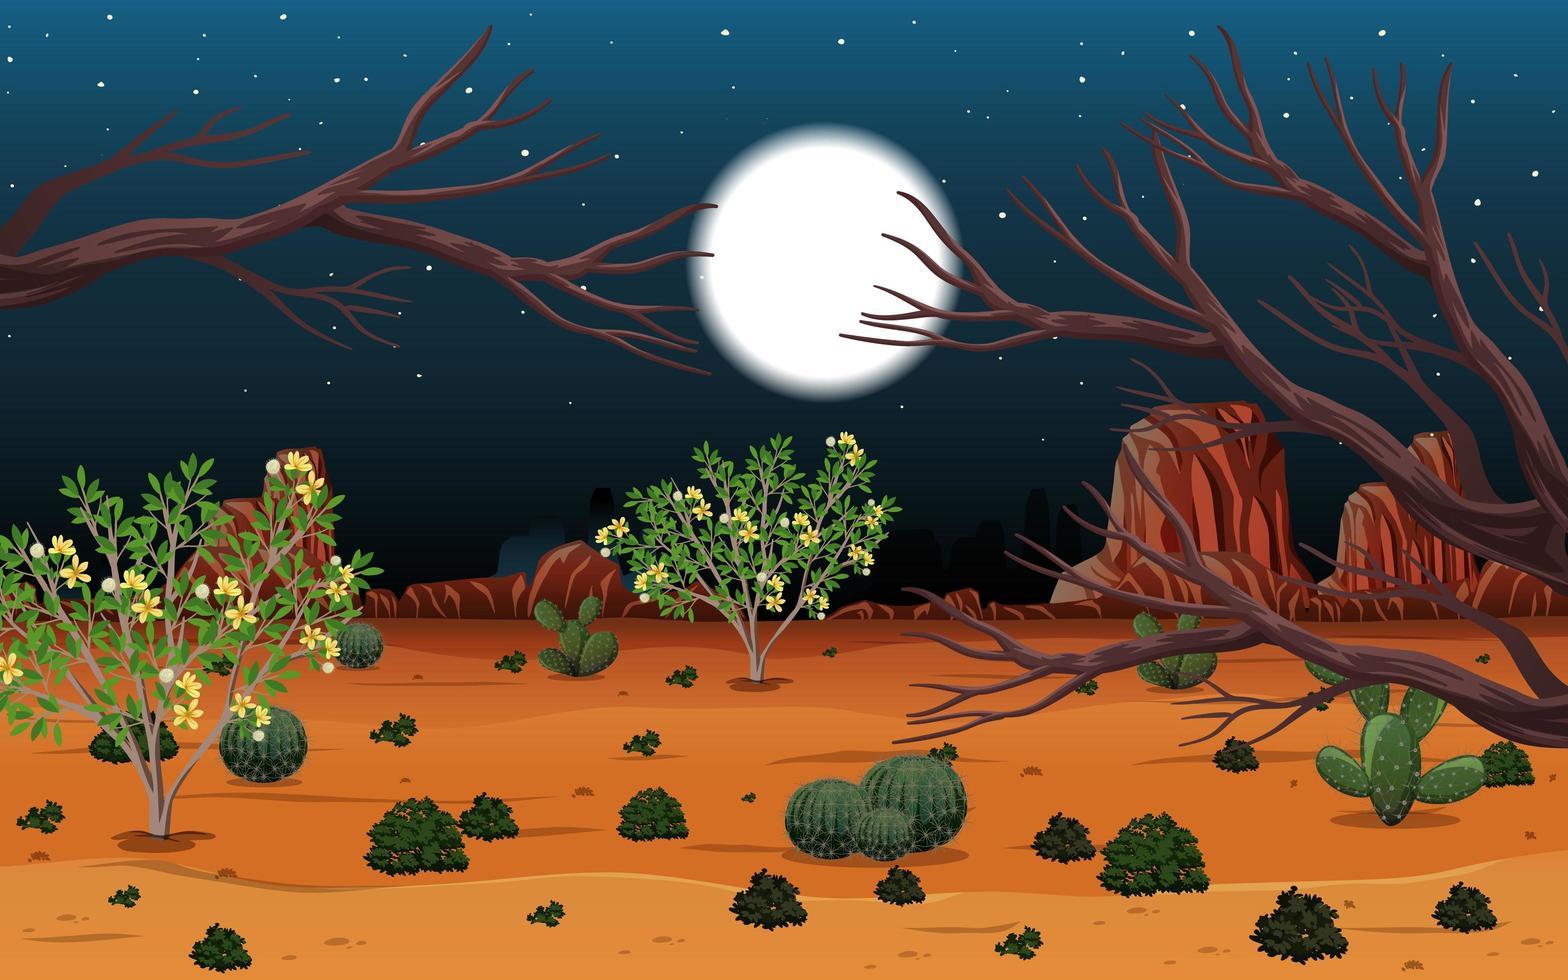 wilde Wüstenlandschaft bei Nachtszene vektor